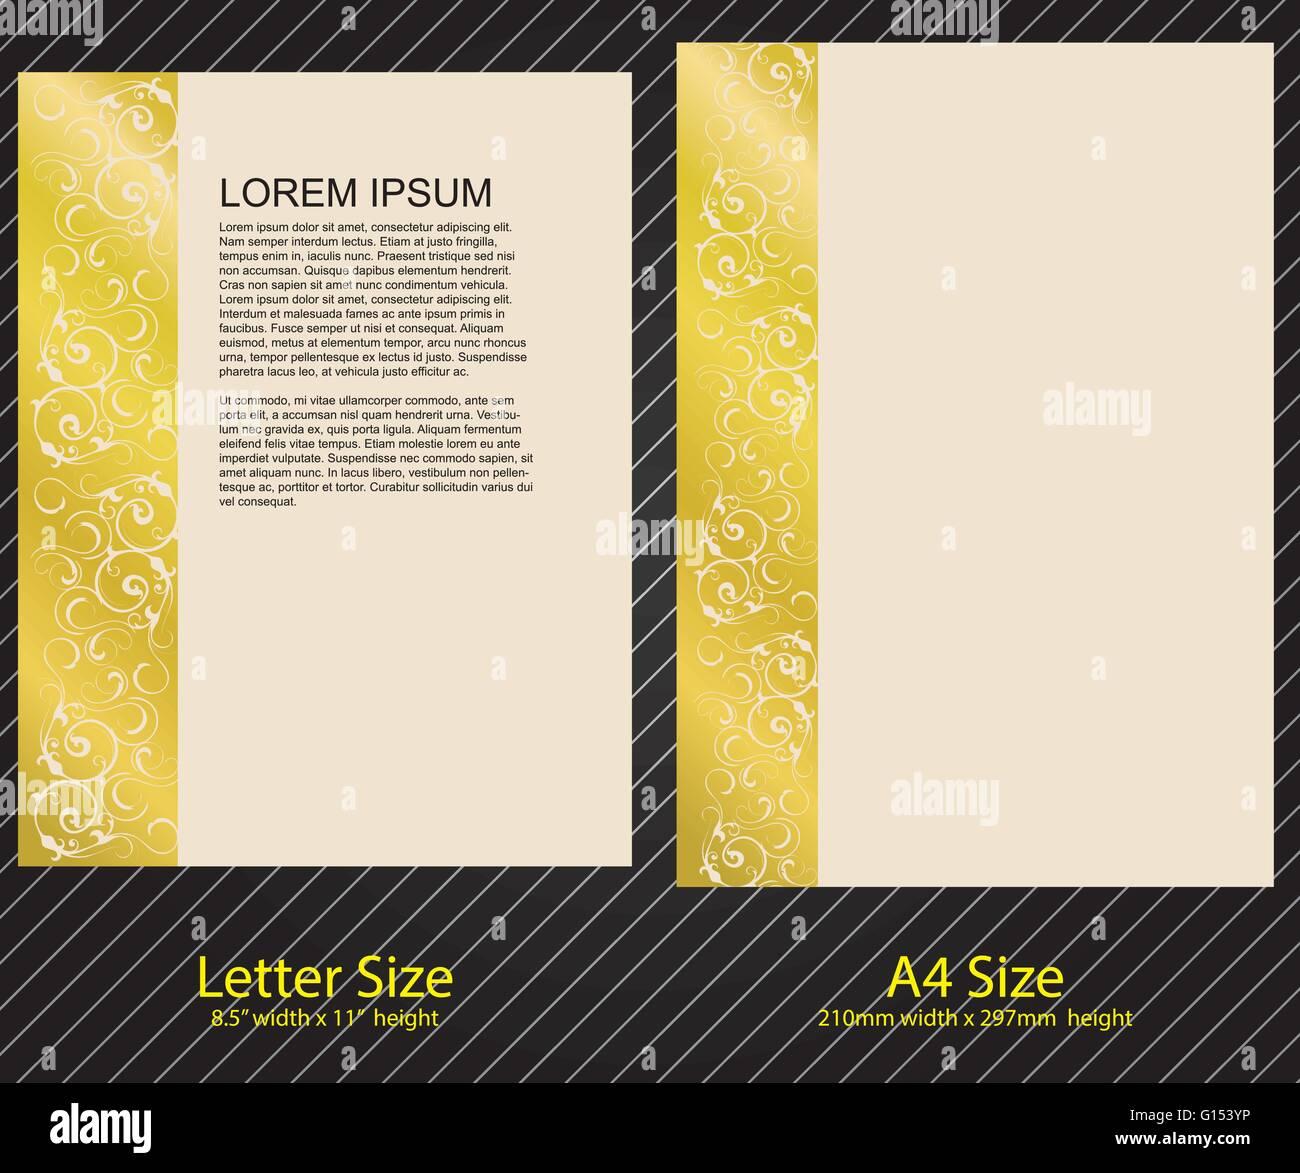 Briefkopf Design Mit Brief Und A4 Größe Vorlage Vektor Abbildung